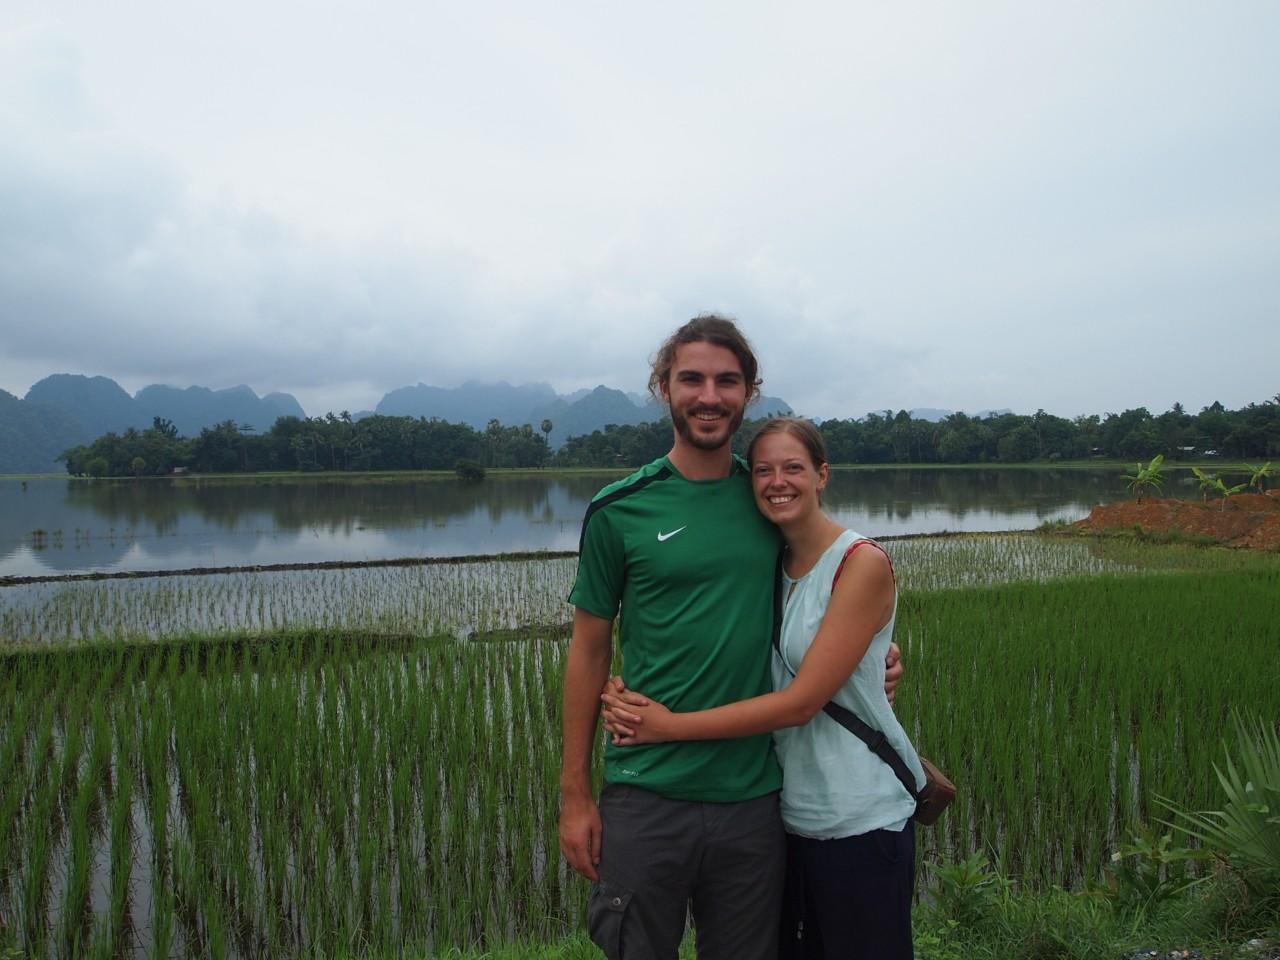 Kurzer Halt vor einen der vielen Reisfeldern